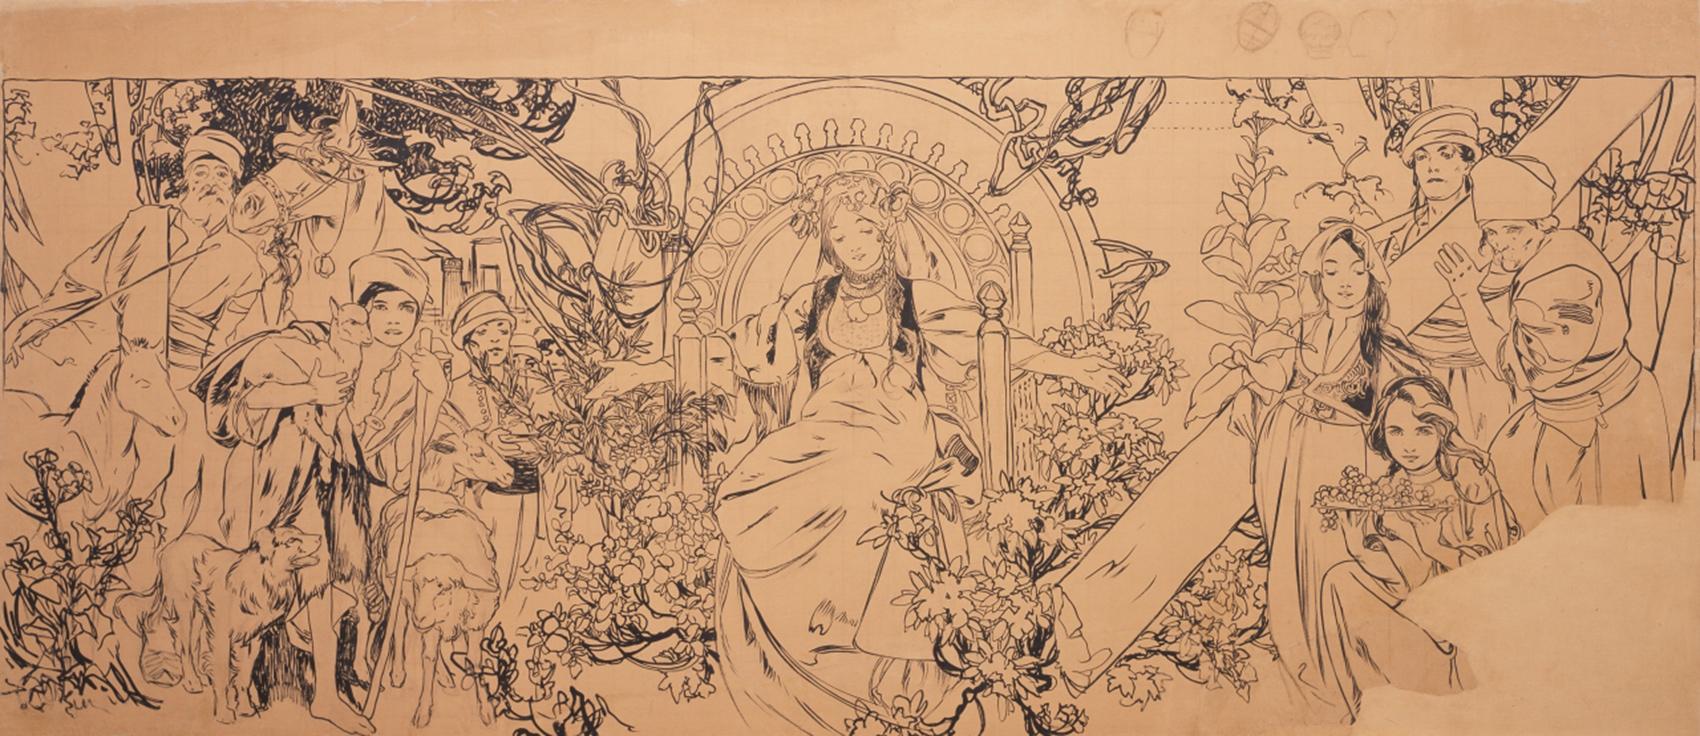 《1900年パリ万国博覧会 ボスニア・ヘルツェゴヴィナ館壁画》(下絵)1899-1900年 堺市